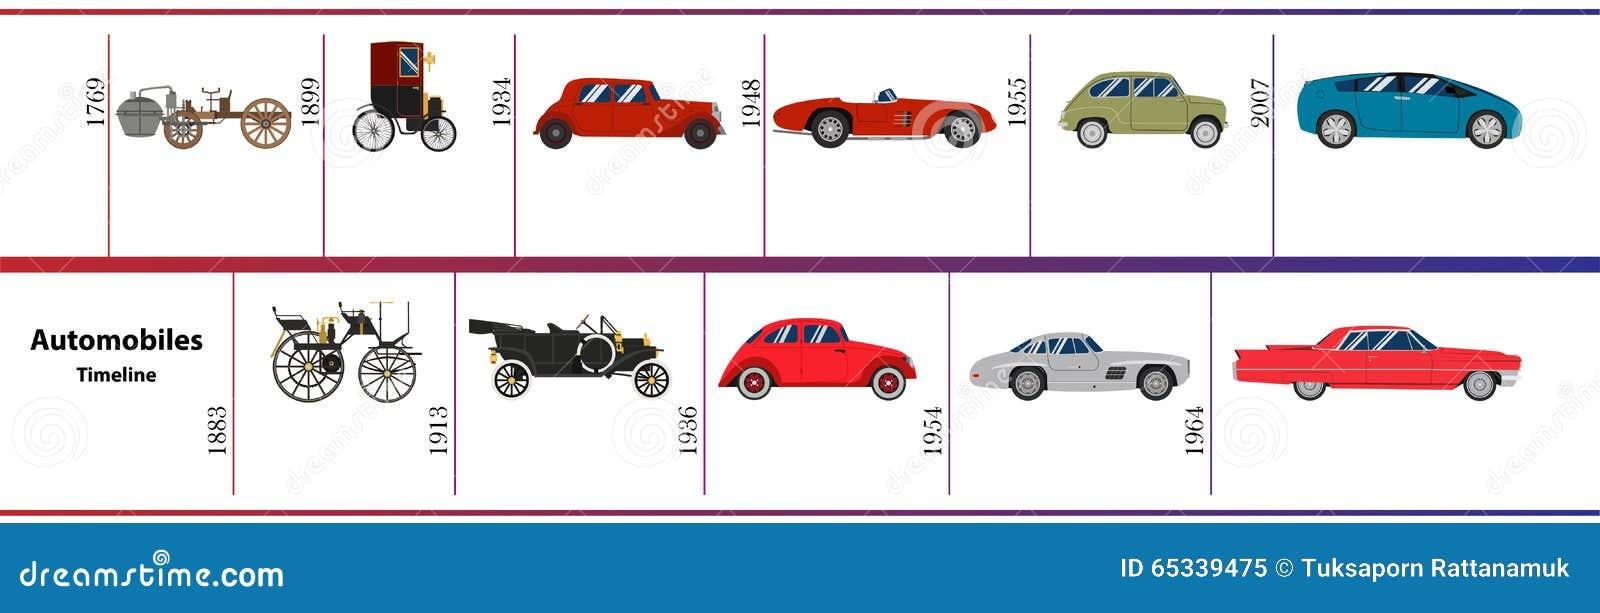 chronologie d 39 automobiles illustration de vecteur image 65339475. Black Bedroom Furniture Sets. Home Design Ideas